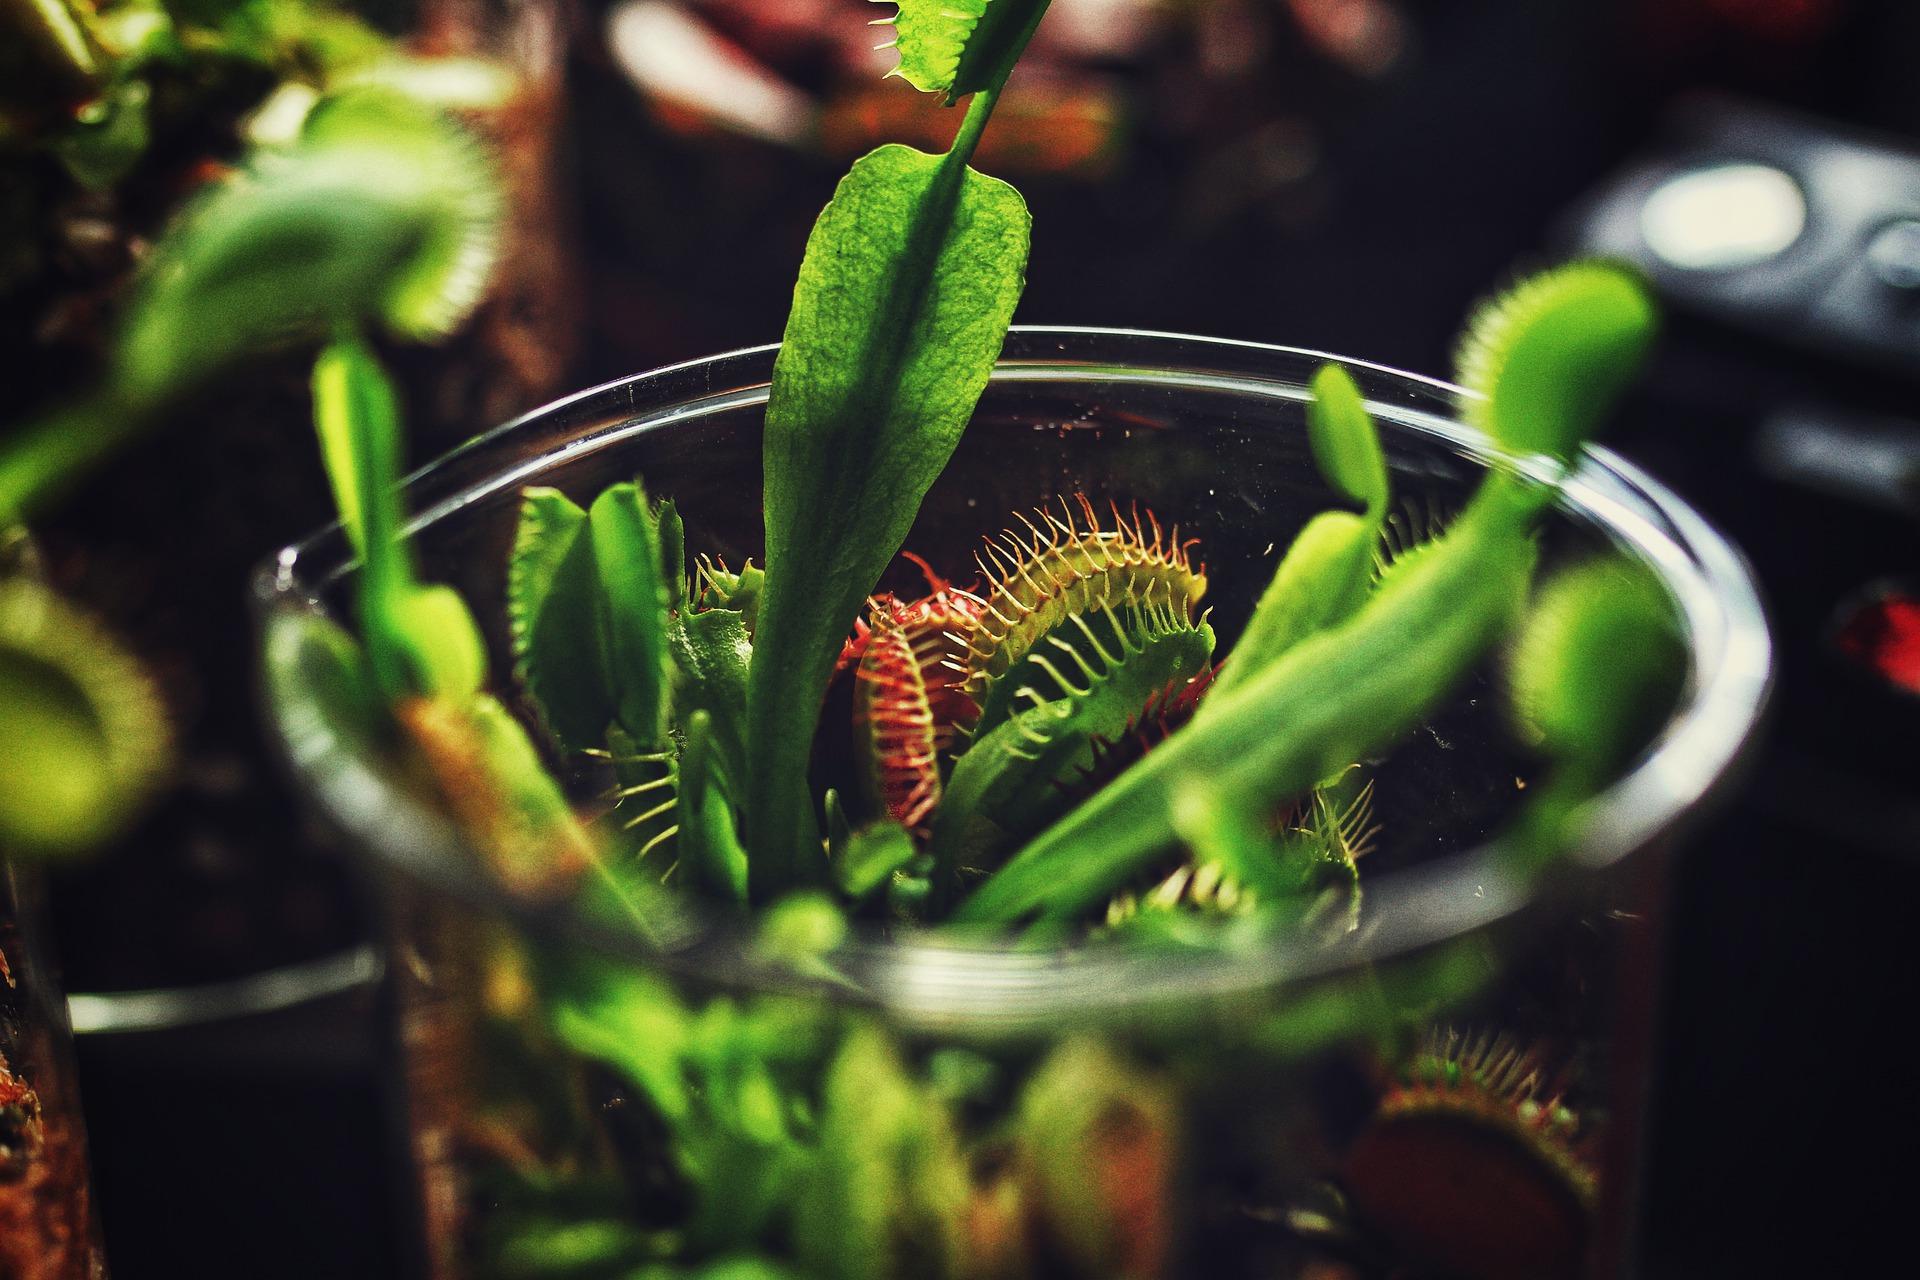 Communiquer avec les plantes pour détecter leurs maladies